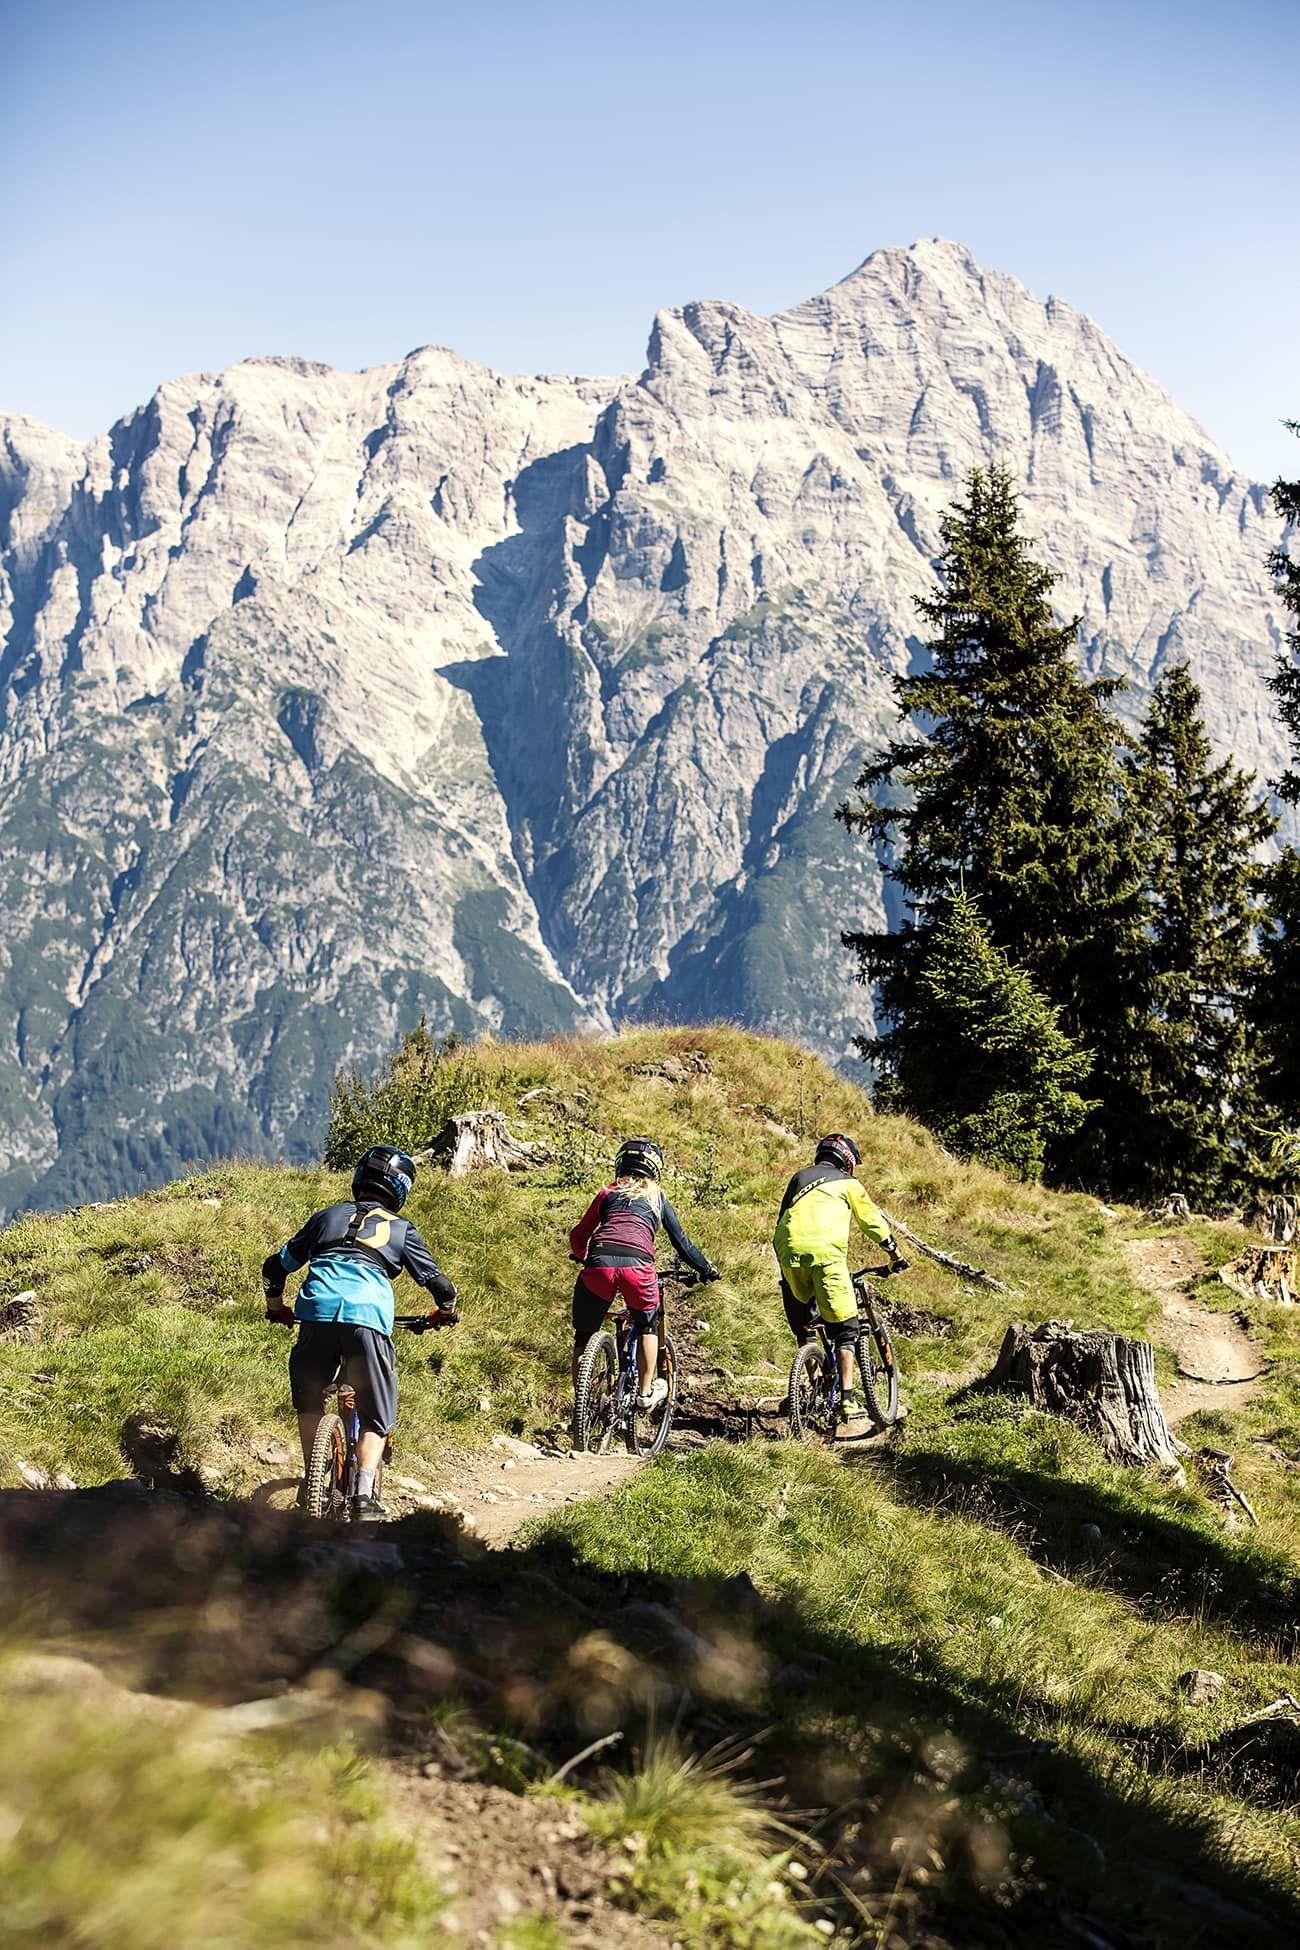 Actionreiche, sowie gemütliche Trails erwarten euch im Bikepark Leogang - (c) Saalfelden Leogang Touristik, Klemens König